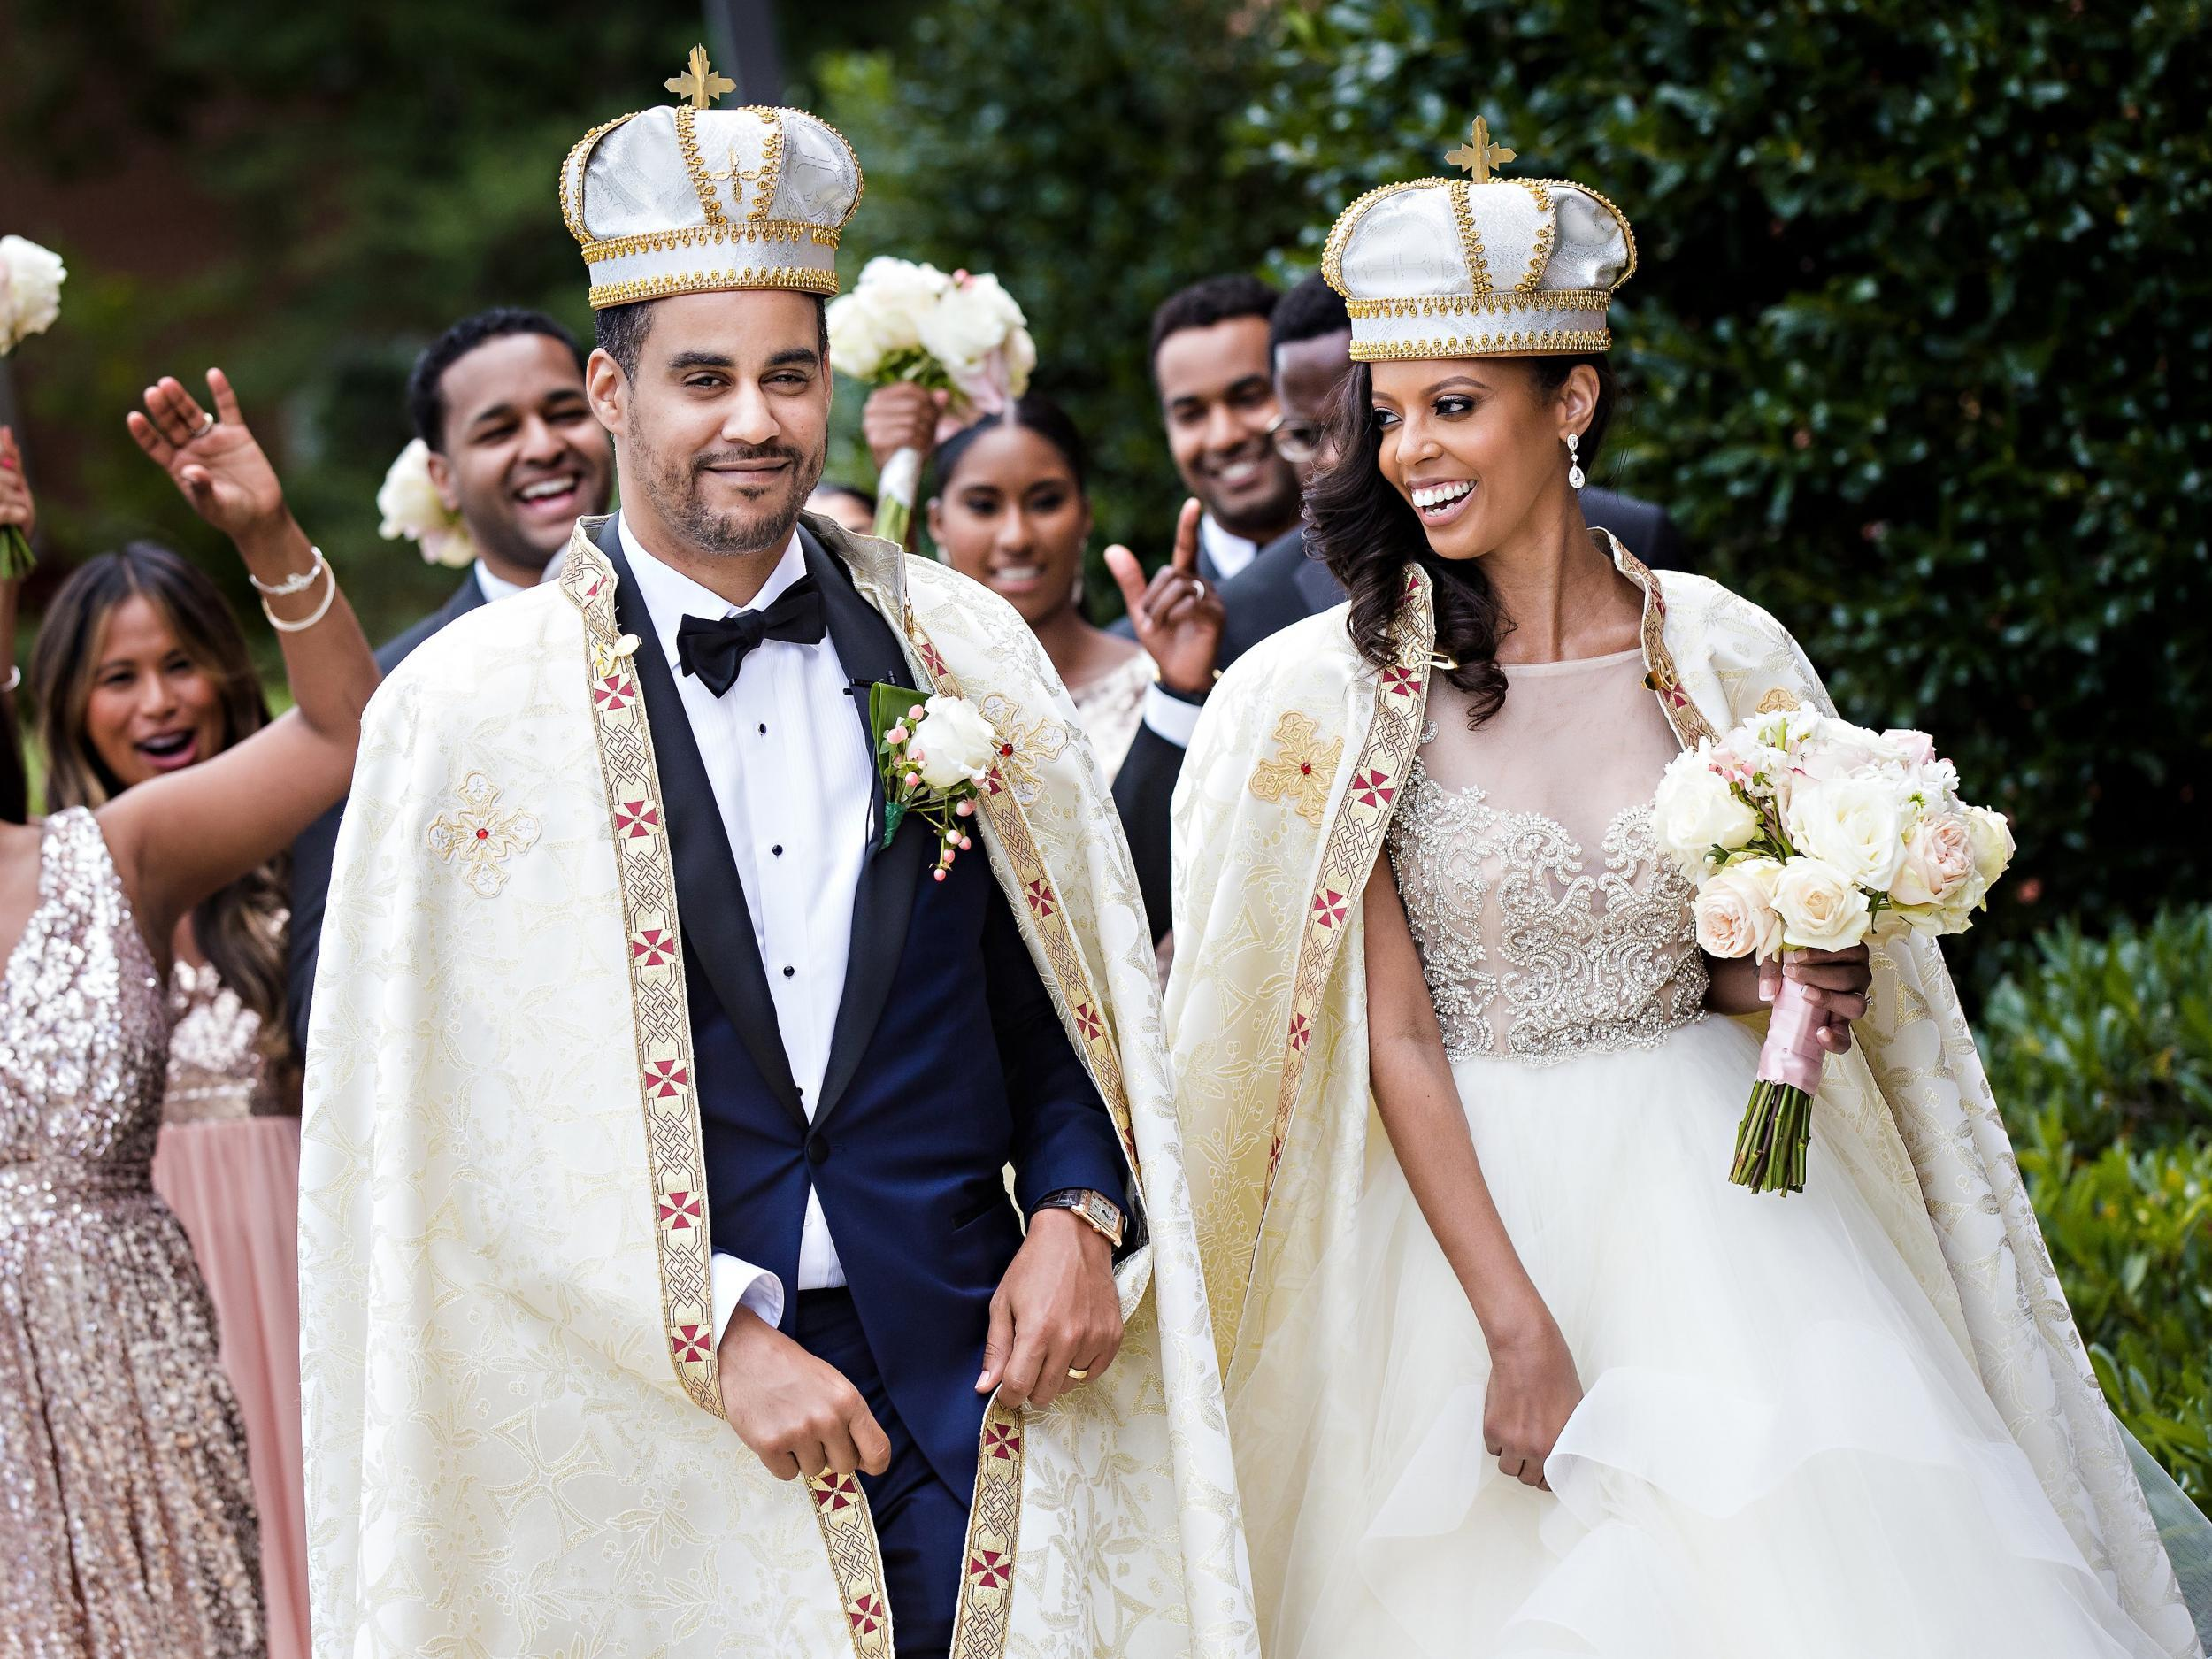 American woman marries Ethiopian prince she met in nightclub | The